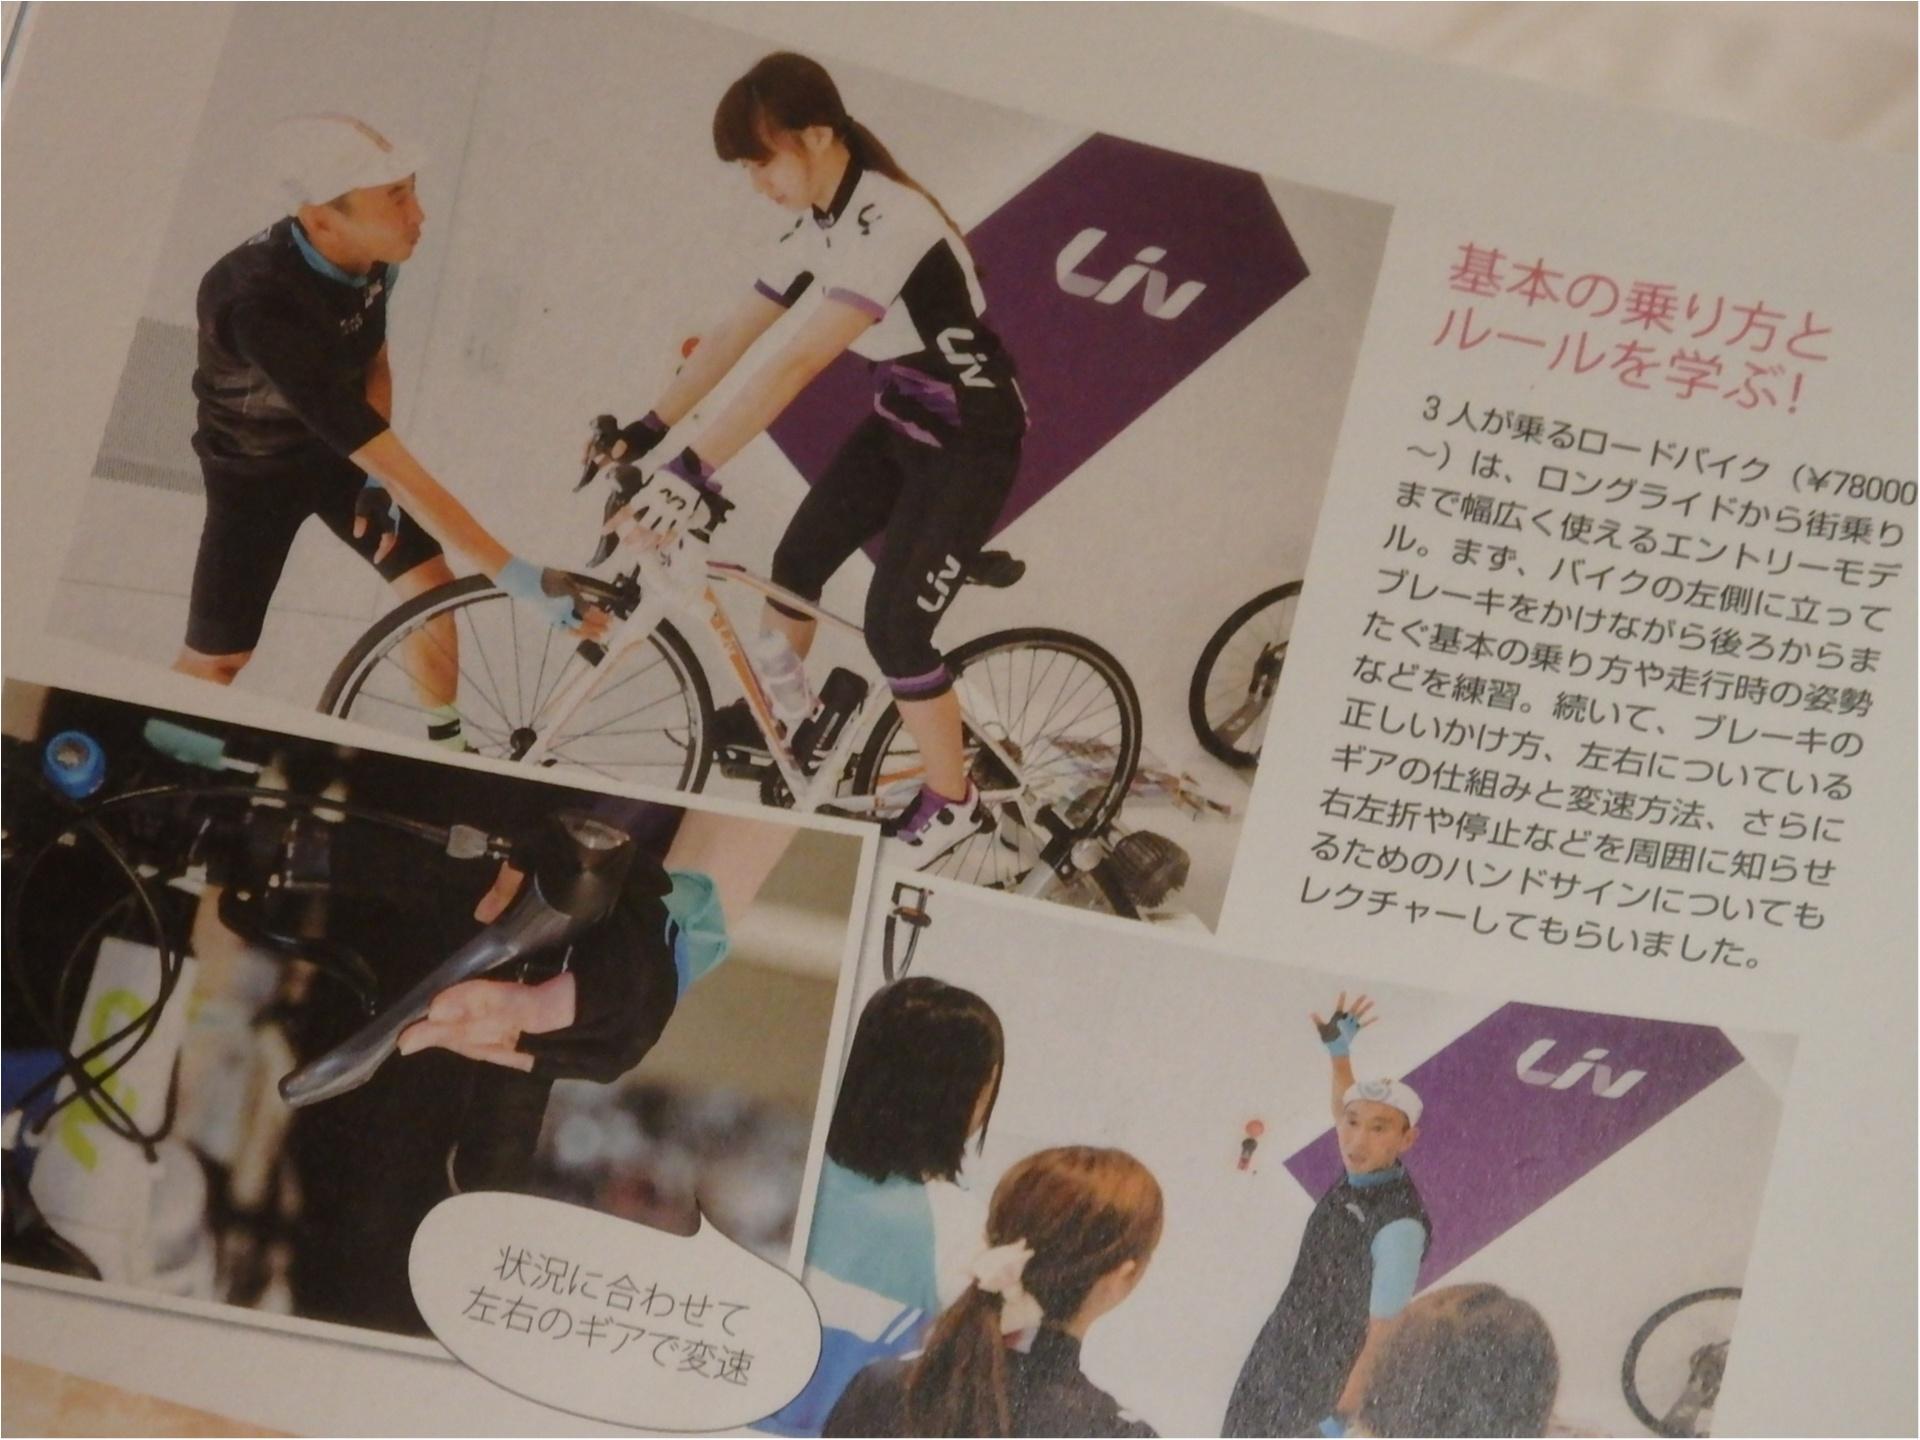 東京が小さく感じられる!ロードバイクならすいすい♪練習のお楽しみは築地で海鮮♥ #ツール・ド・東北【#モアチャレ あかね】_3